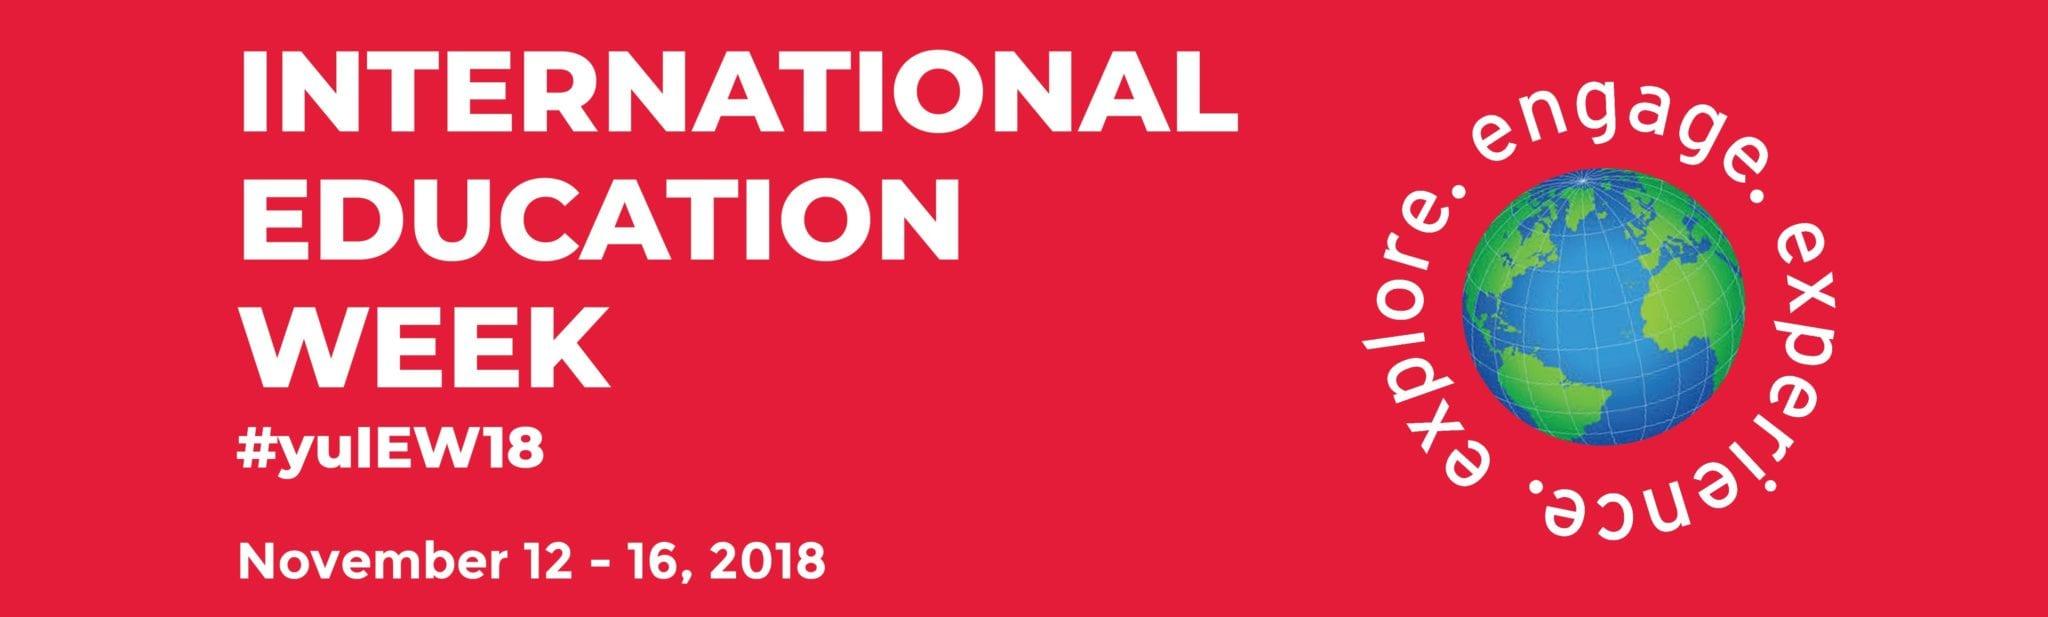 2018 International Education Week